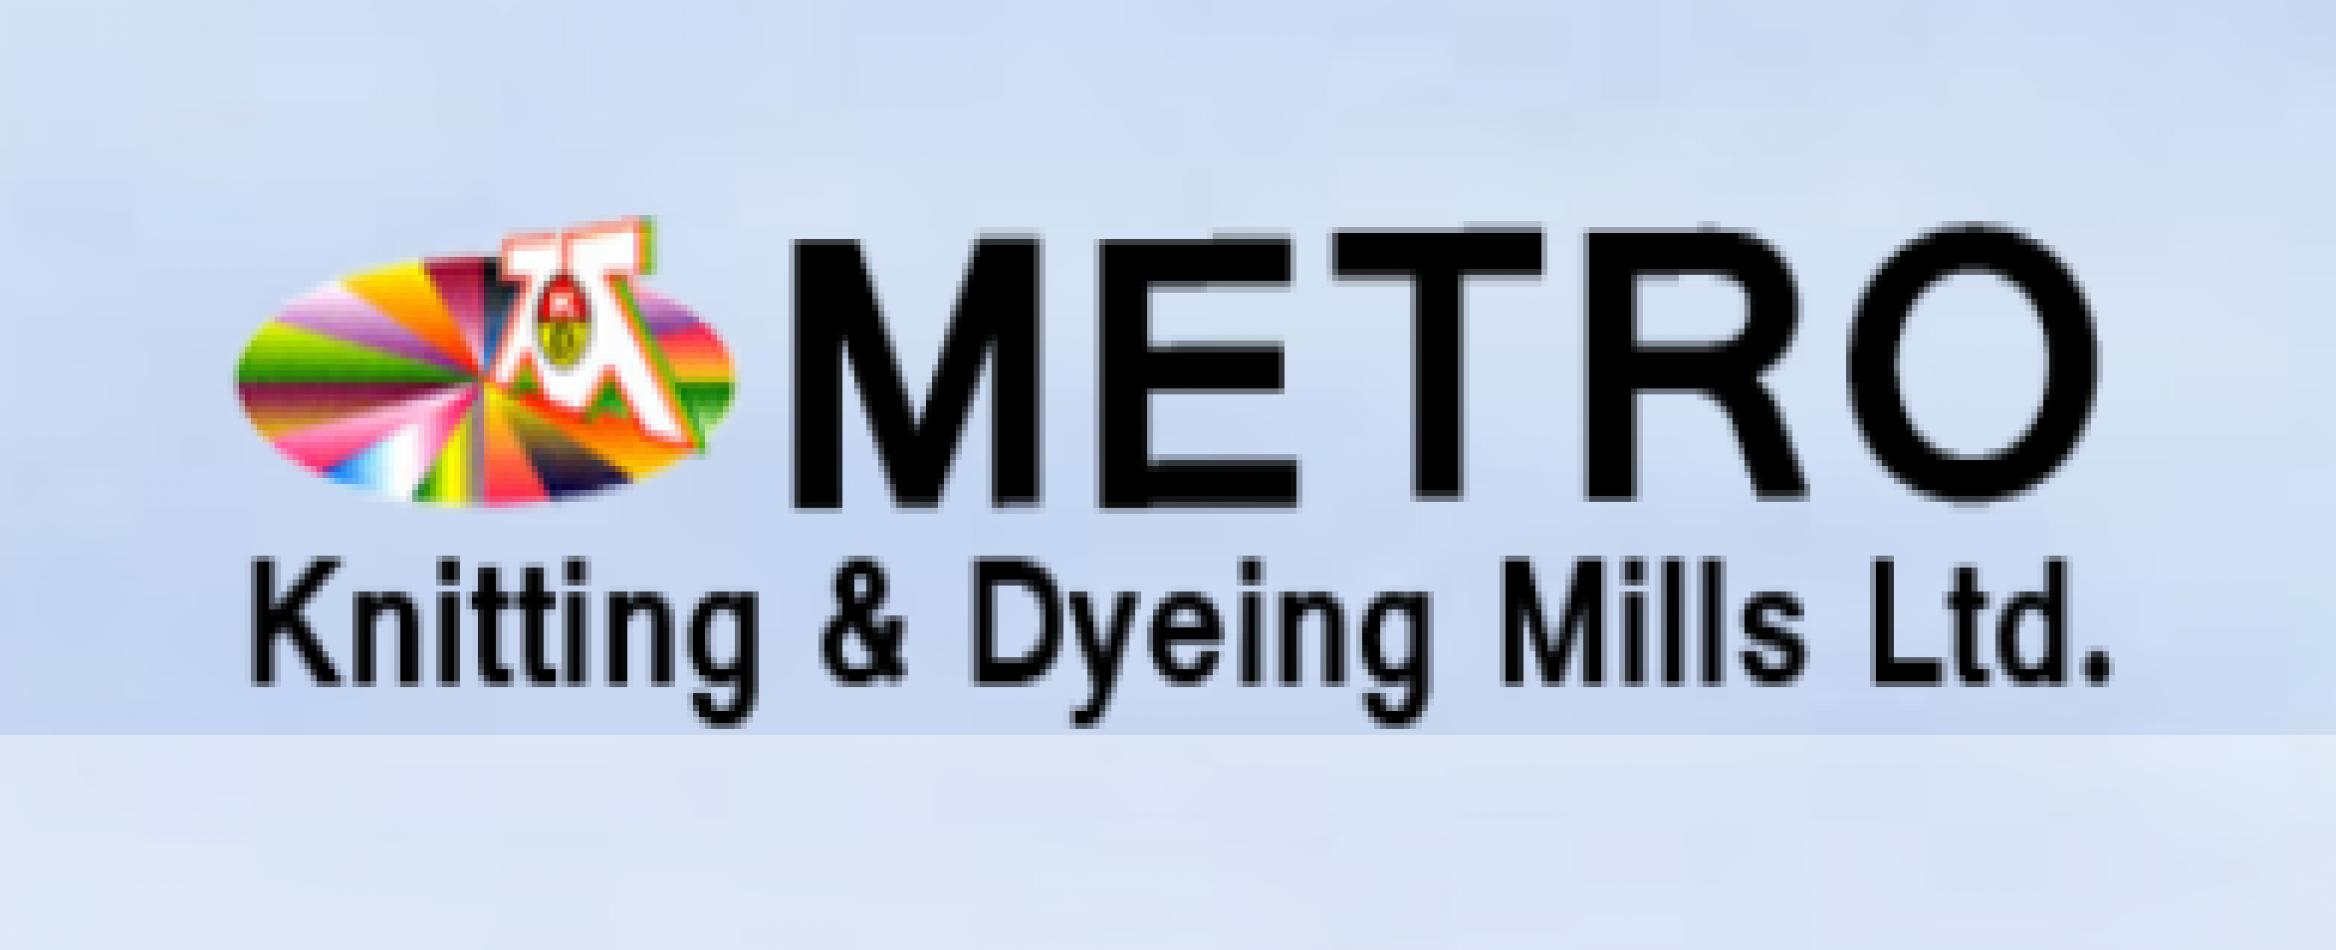 METRO KNITTING & DYEING MILLS LTD